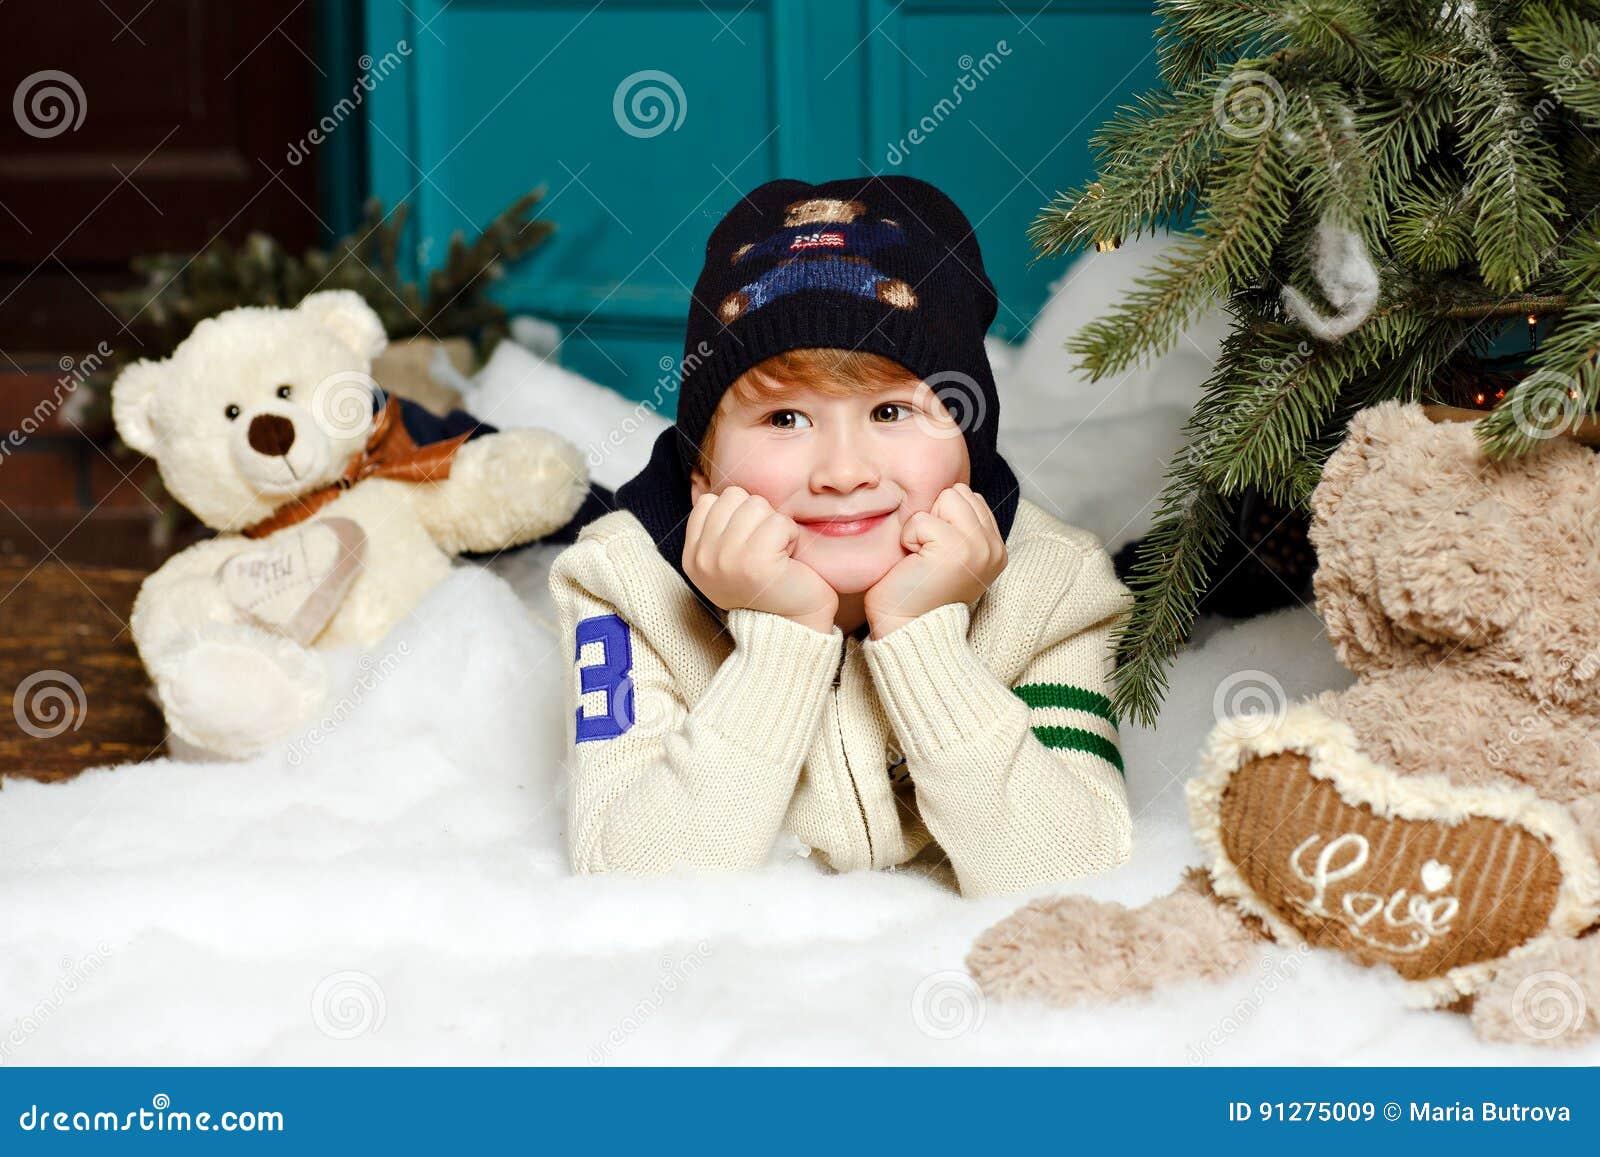 Pojken i hatt ler och ligger på den insnöade julen för en studio